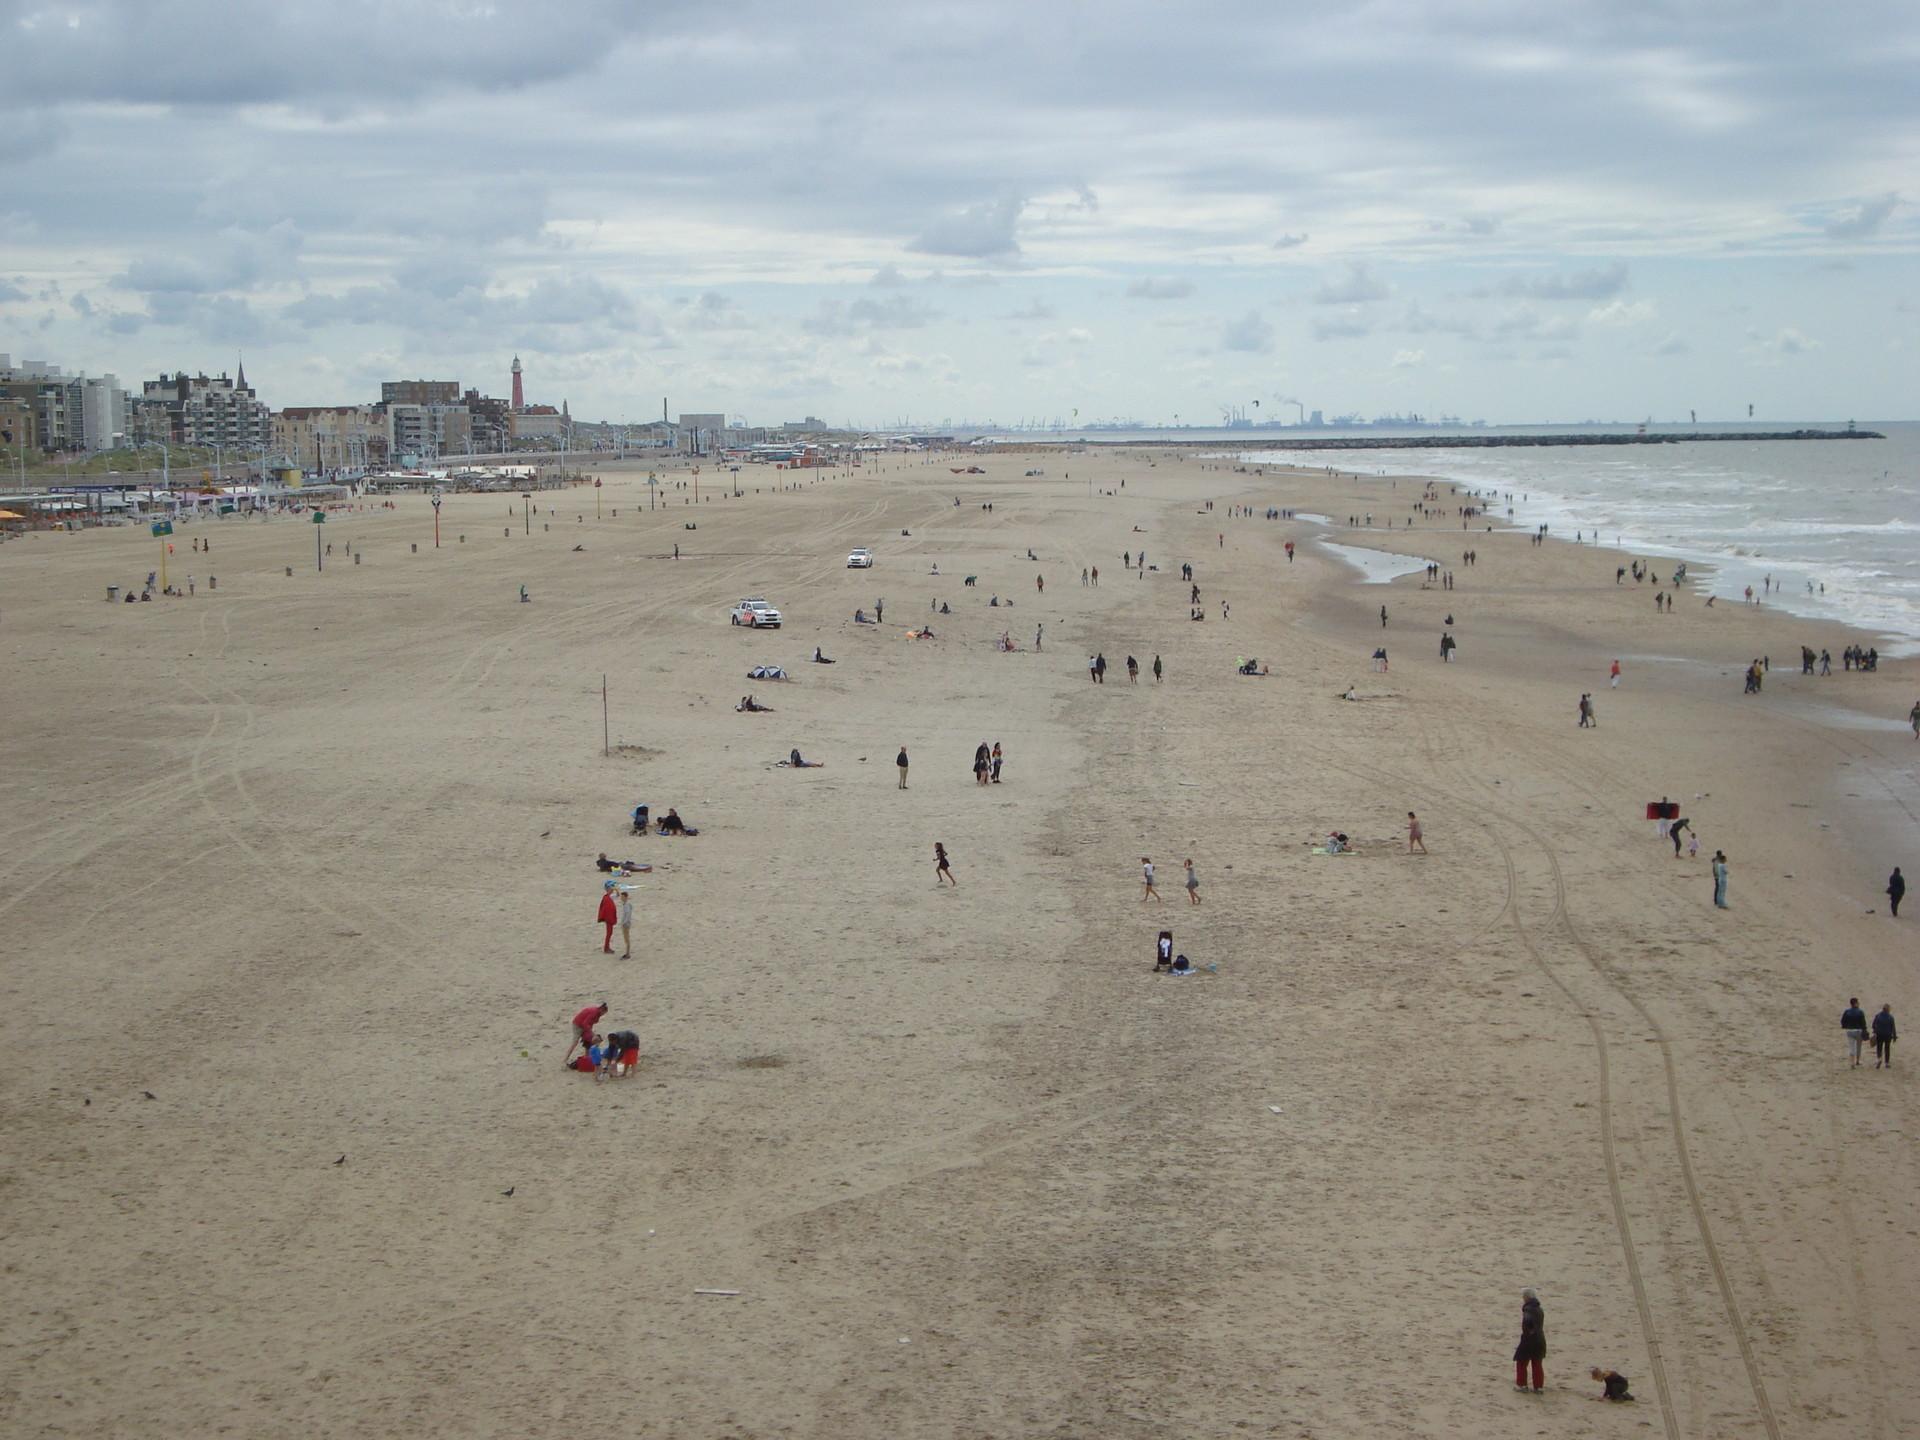 the-hague-beach-45e6f1ae7134bf7bbd26d691